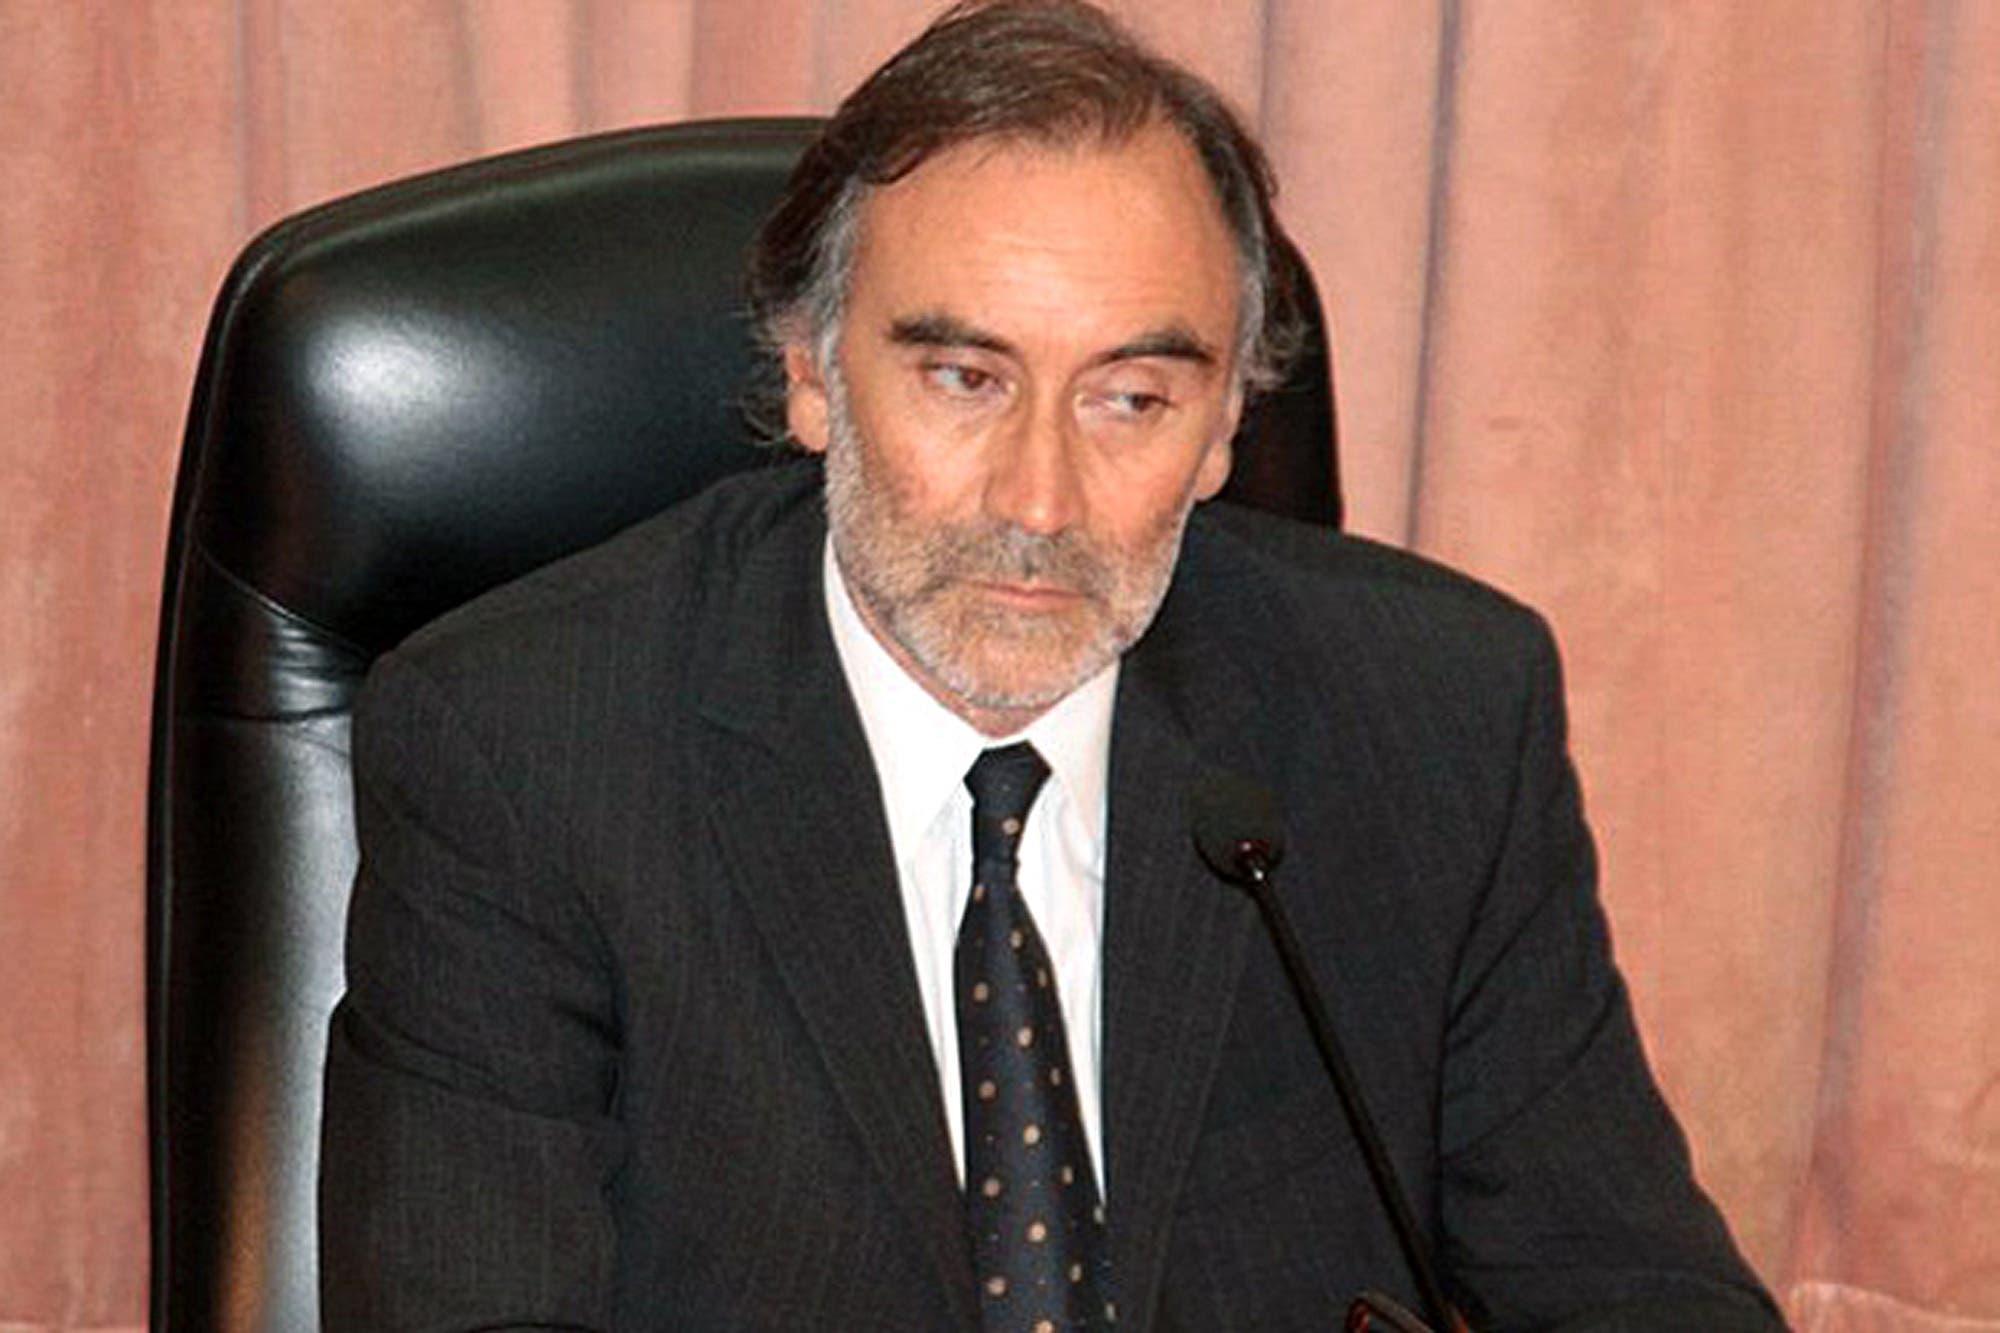 La Casación Penal avaló los fallos de Leopoldo Bruglia en un desprendimiento de la causa de Vialidad contra Cristina Kirchner